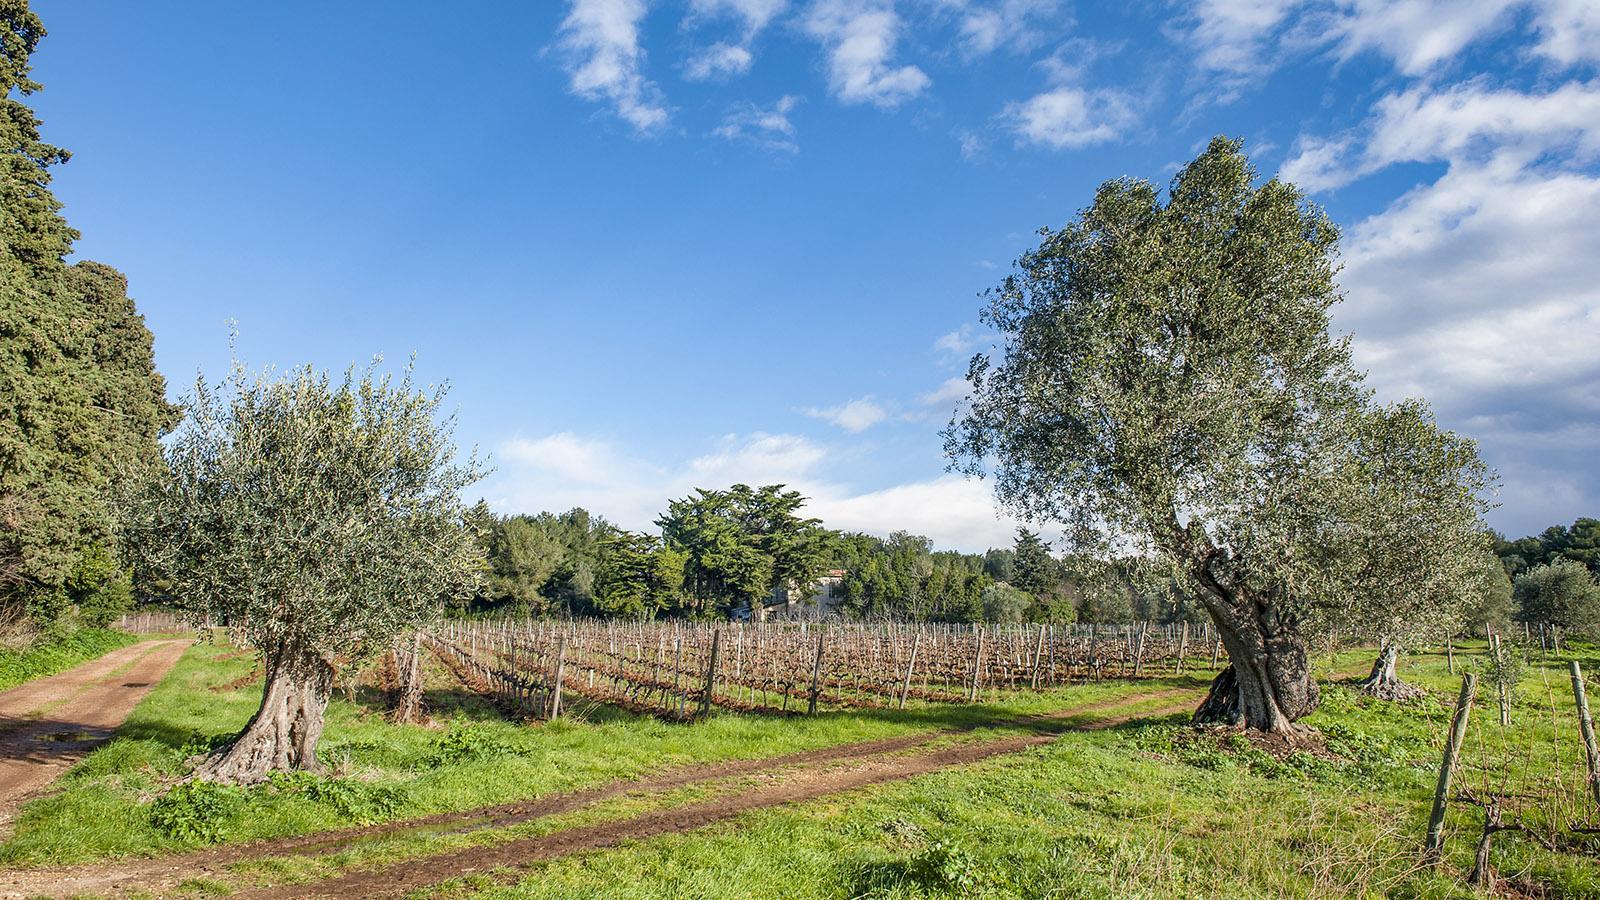 Oliven und Wein: die wirtschaftliche Grundlage der Zisterziensermönchen von Saint-Honorat seit dem 5. Jahrhundert. Foto: Hilke Maunder